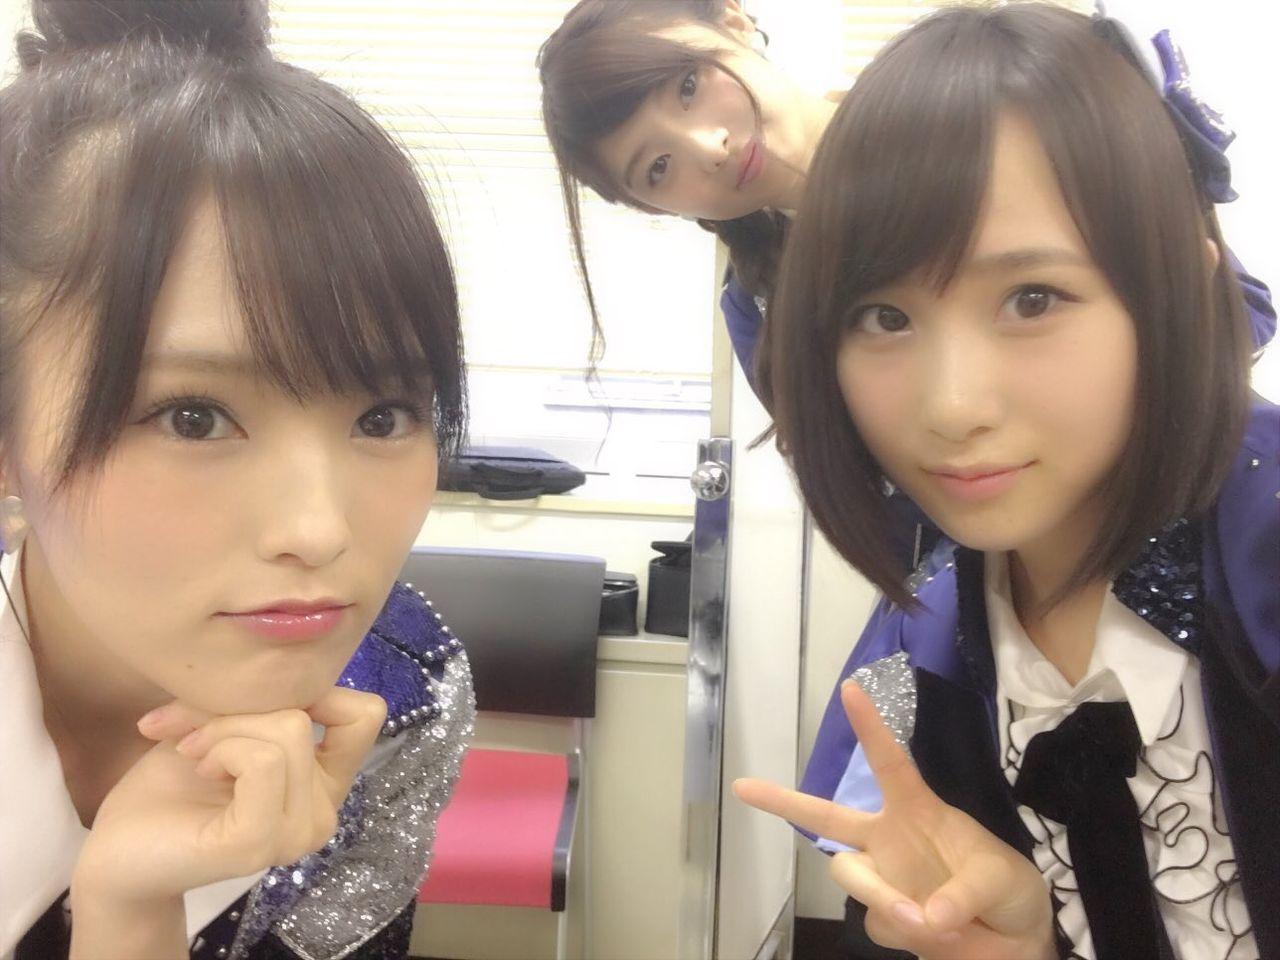 【AKB48】高橋朱里の水着画像がきわどい・・・